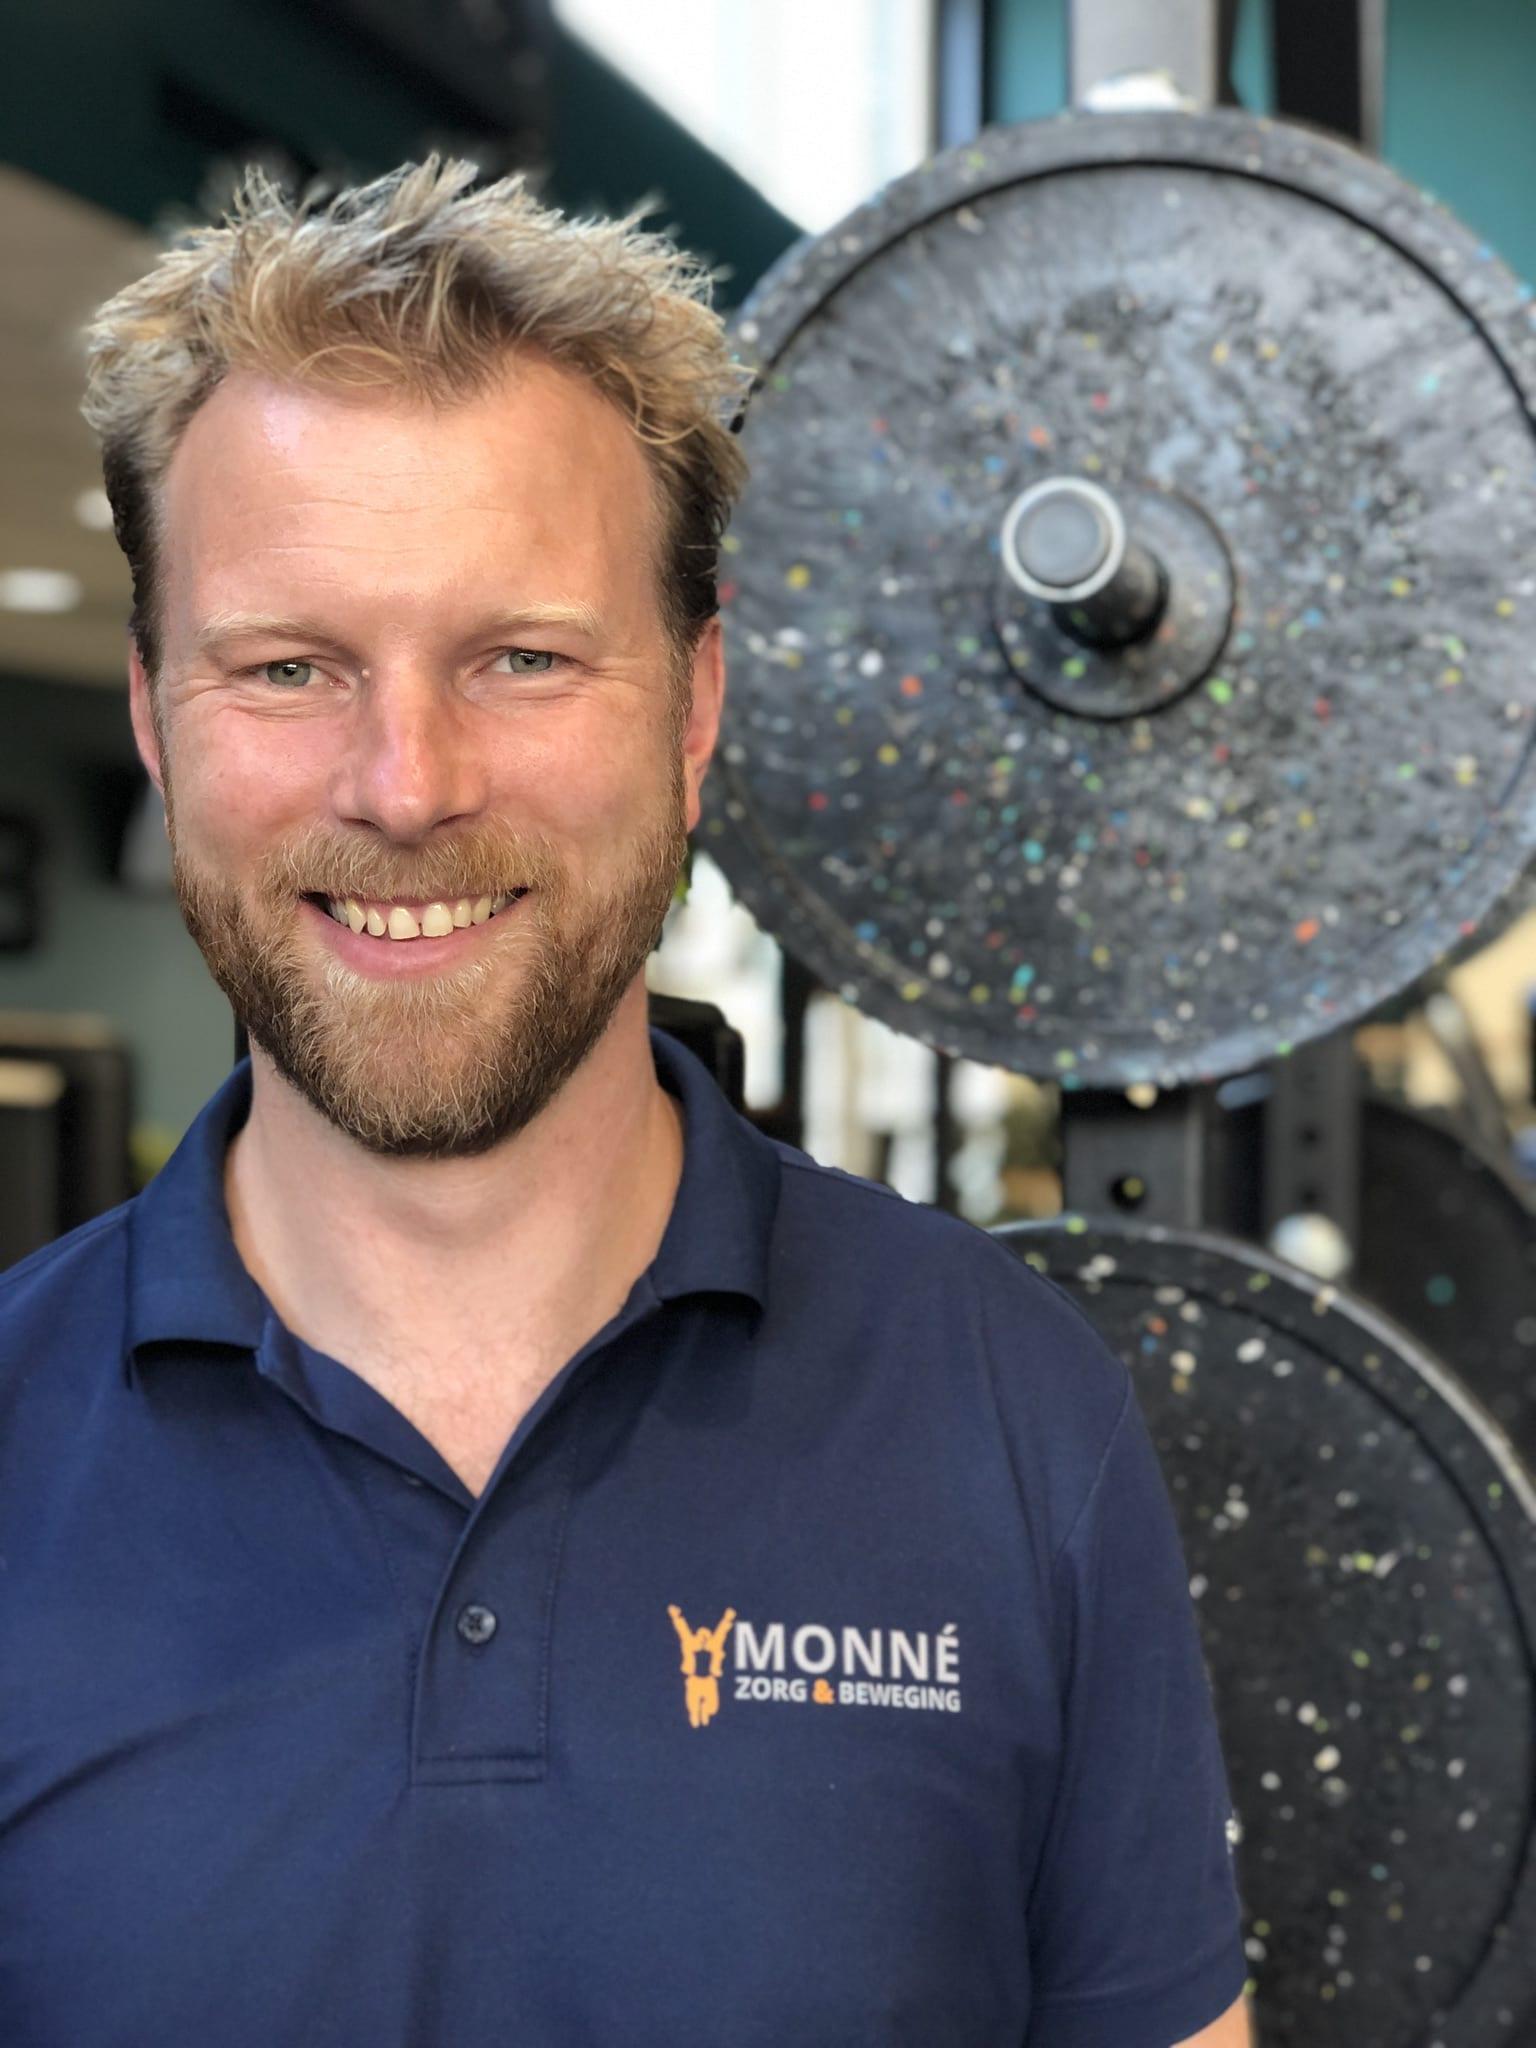 Joost van Broekhoven | Monné Zorg & Beweging